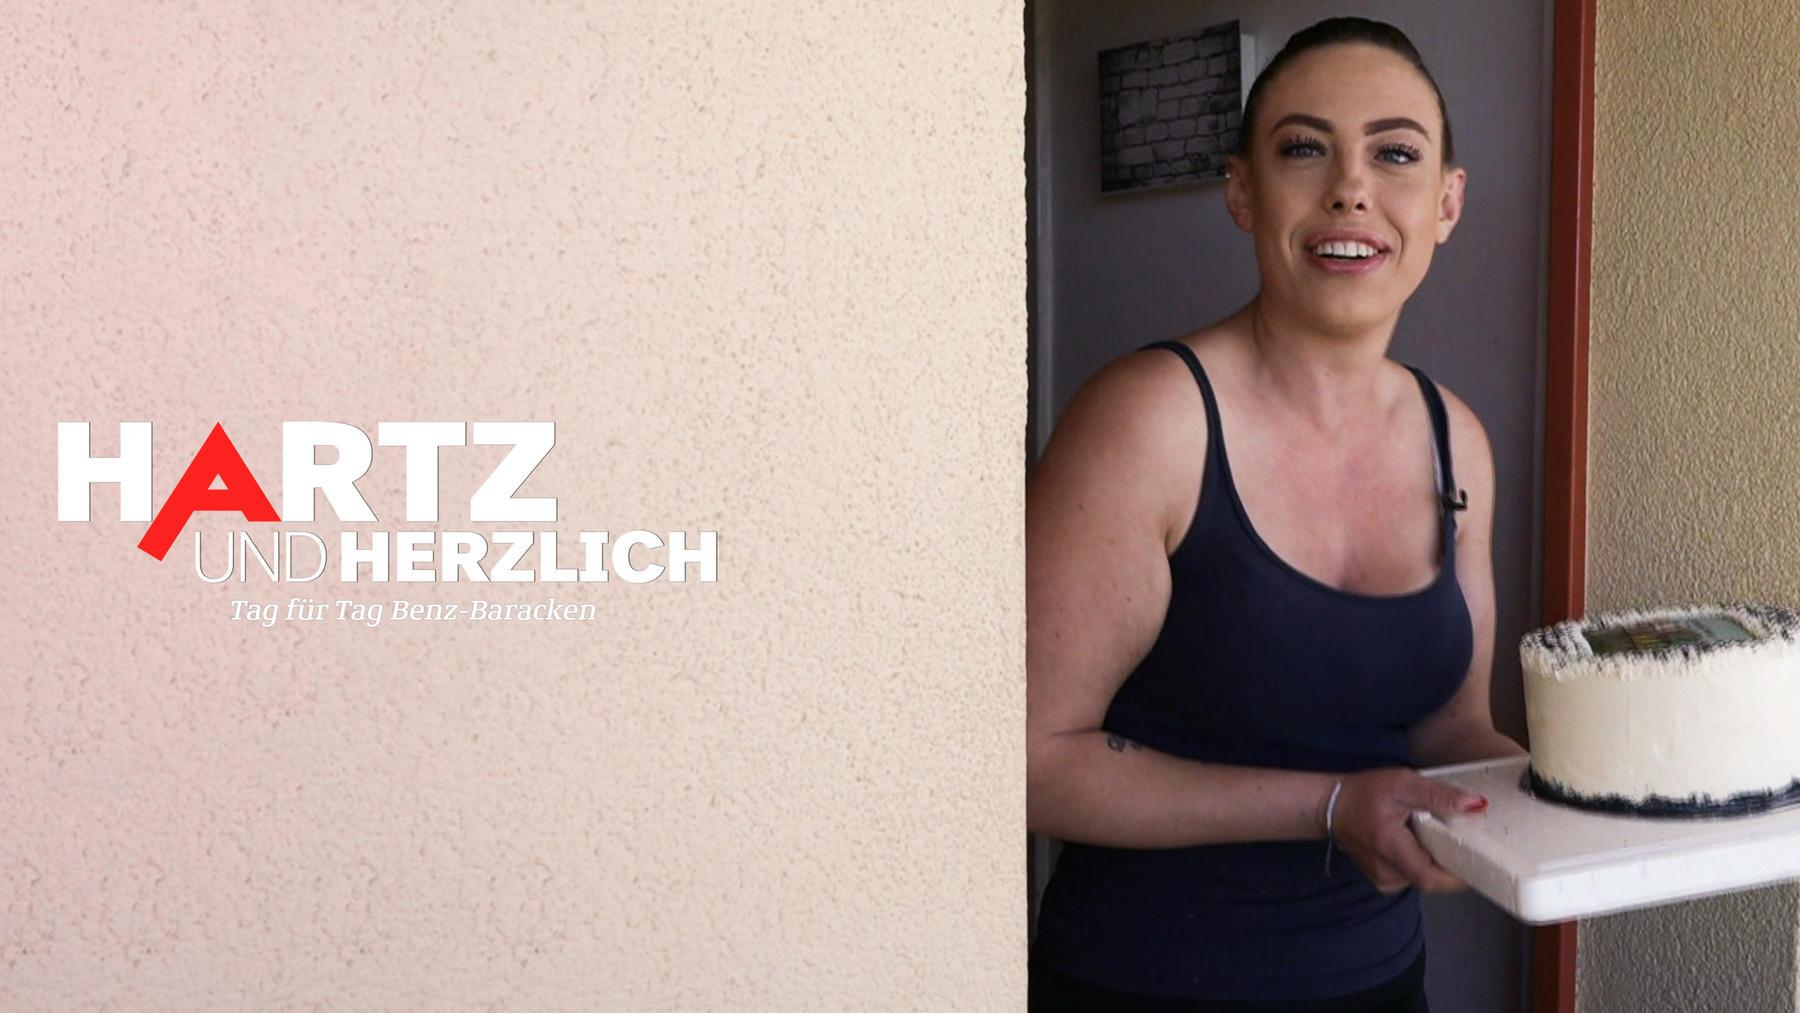 Hartz und herzlich - Tag für Tag Benz-Baracken